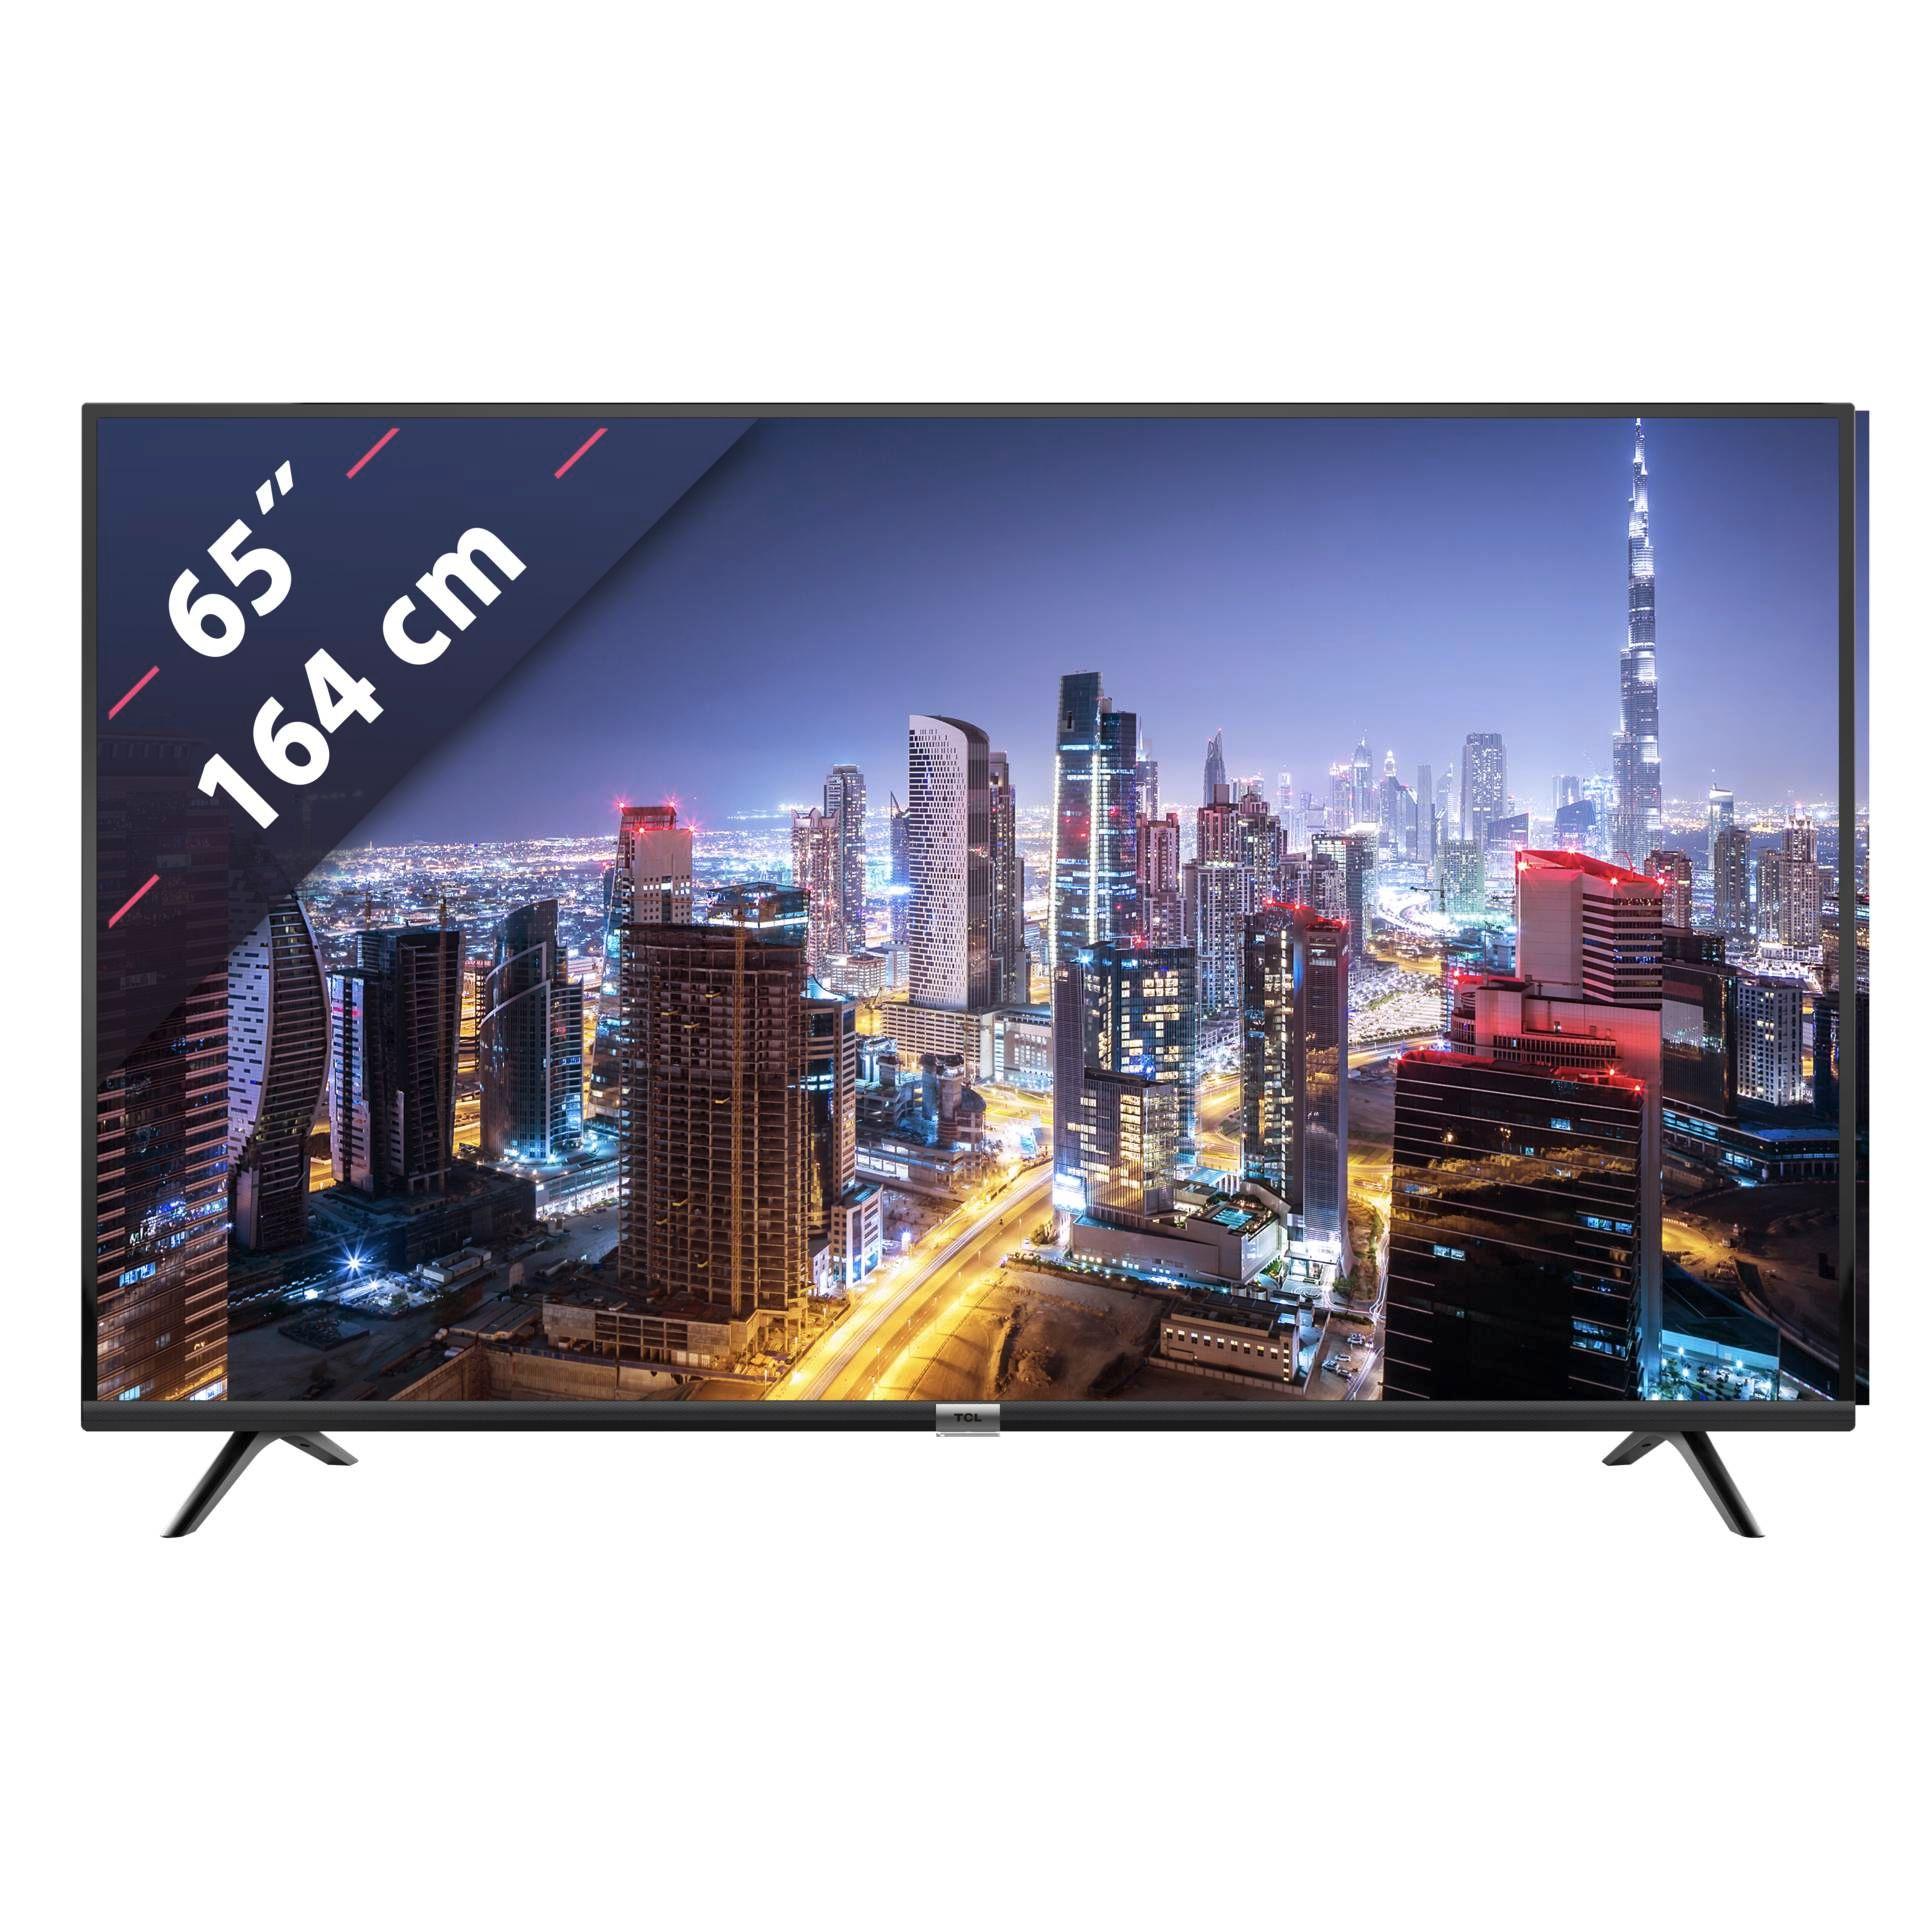 TCL 65DP600, 165.1 CM (65 ZOLL), UHD 4K, SMART TV, LED TV, 1200 PPI [Rakuten Technikdirekt]